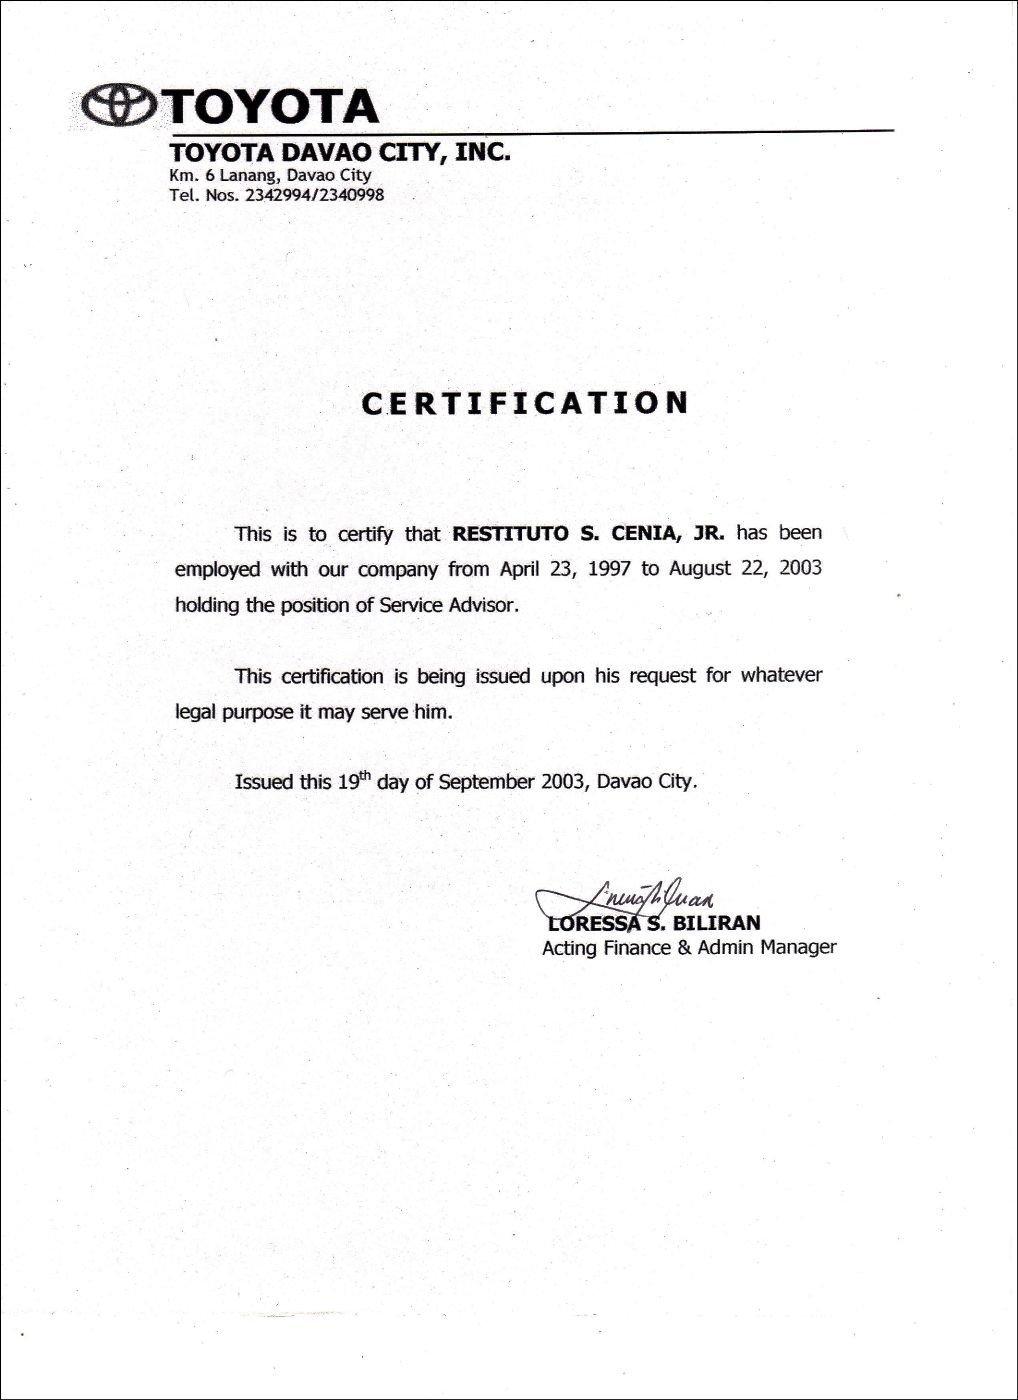 Certificate Of Employment Template Employment Certificate Sample Best Templates Pinterest